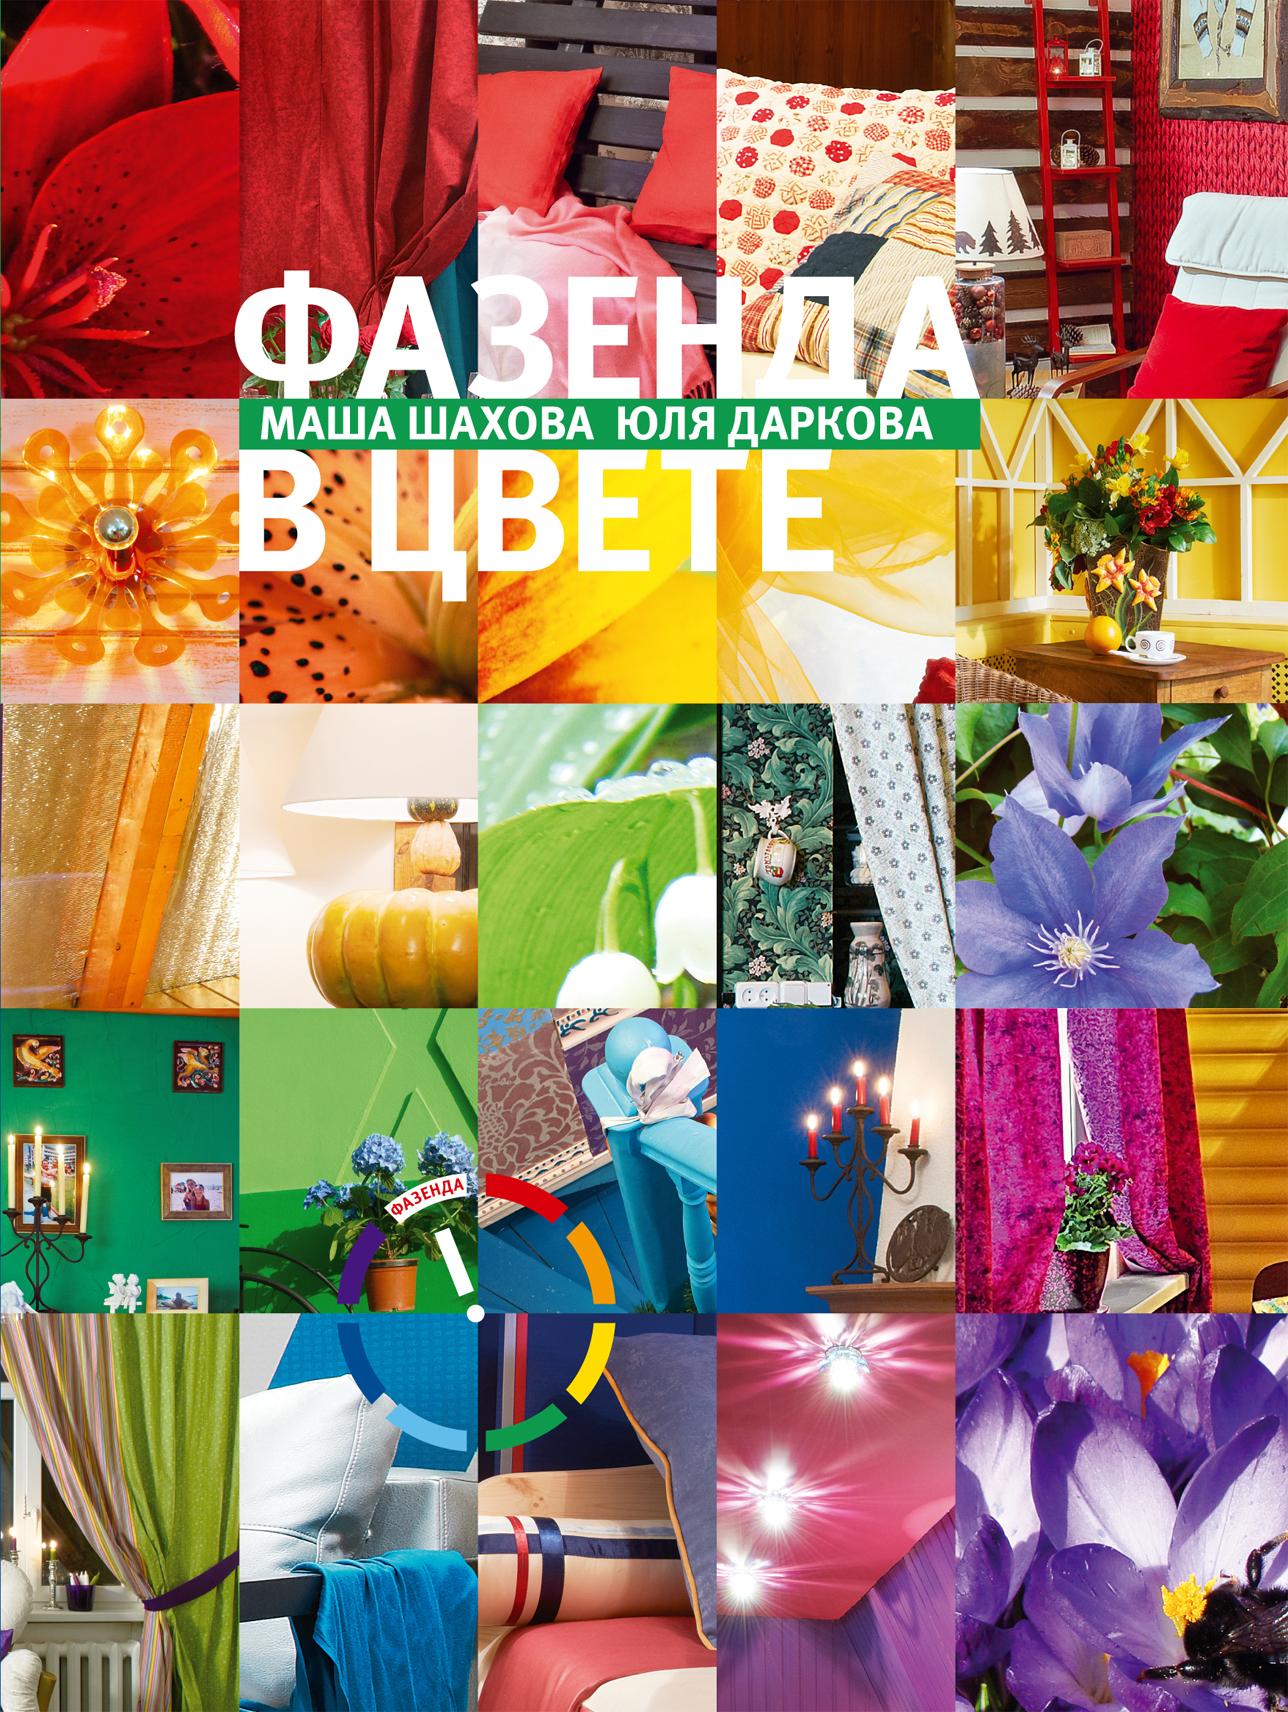 Шахова М., Даркова Ю. Фазенда 3. Фазенда в цвете